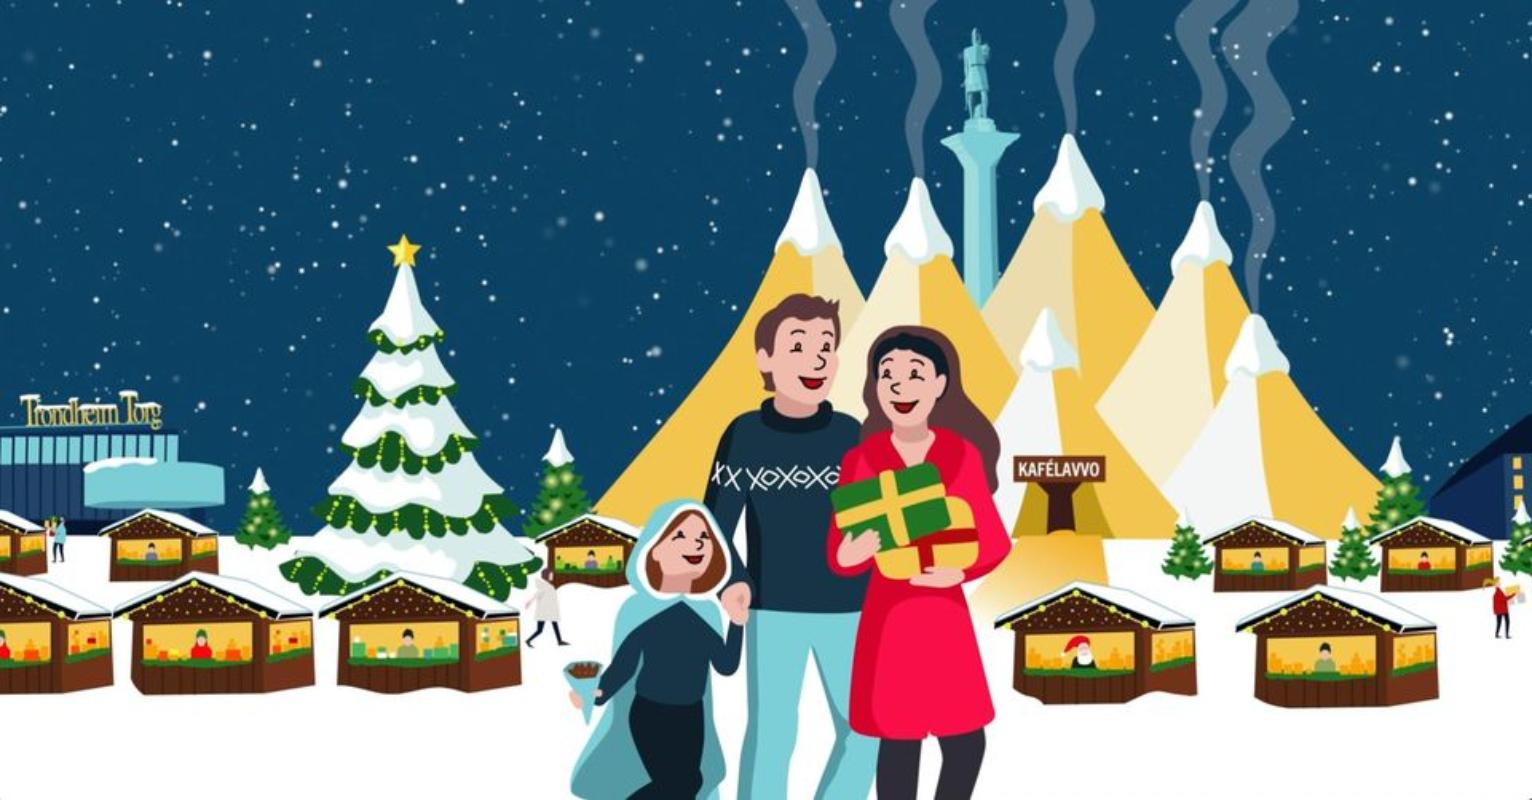 Julemarkedet i Trondheim illustrasjon